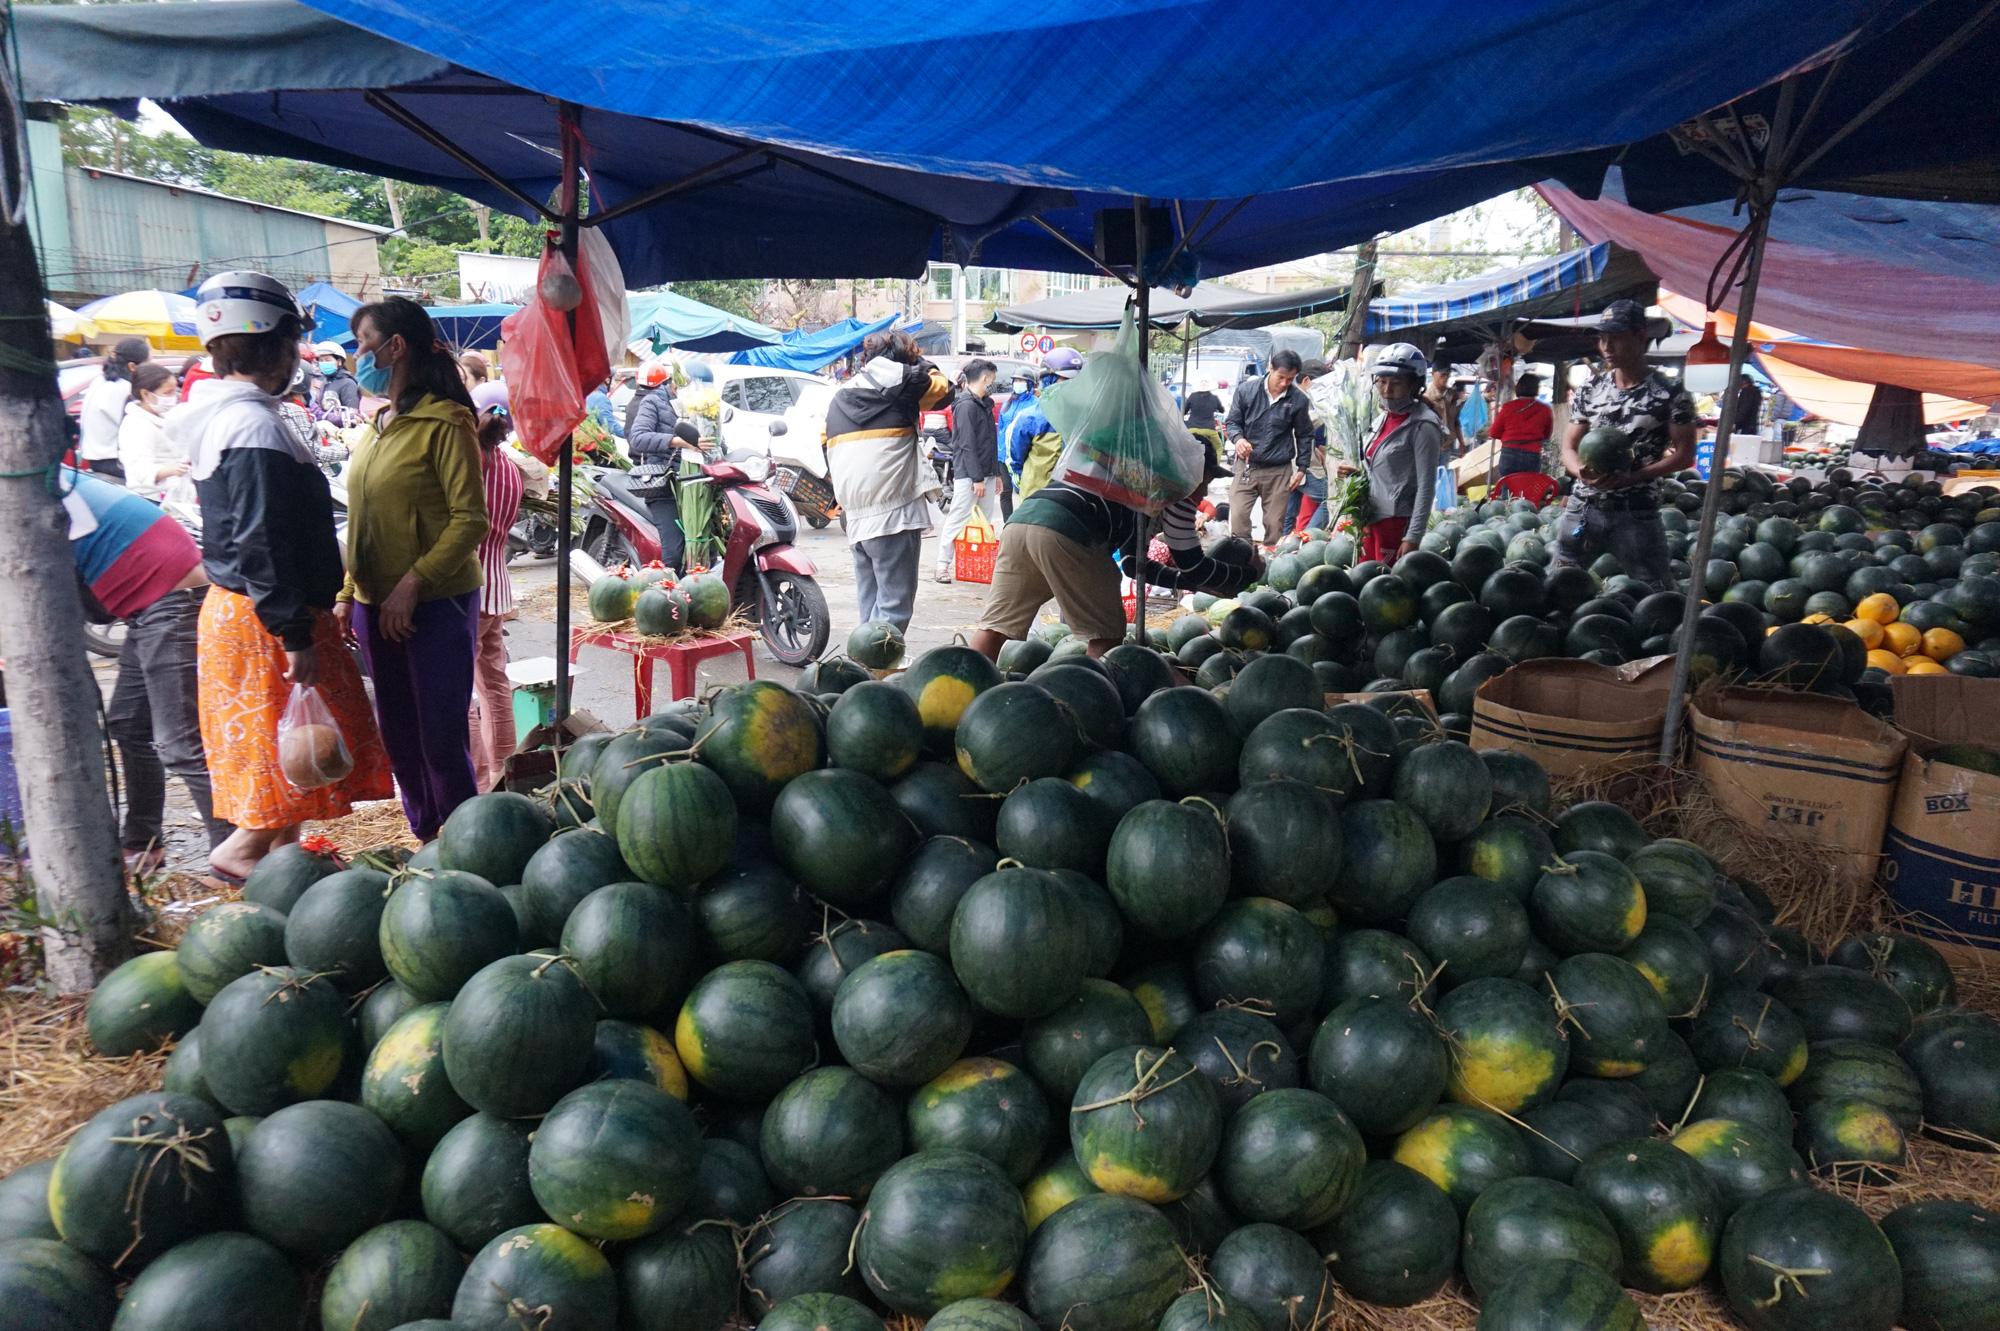 Đà Nẵng: Chợ lớn nhất thành phố tấp nập người và xe sáng 29 Tết - Ảnh 7.